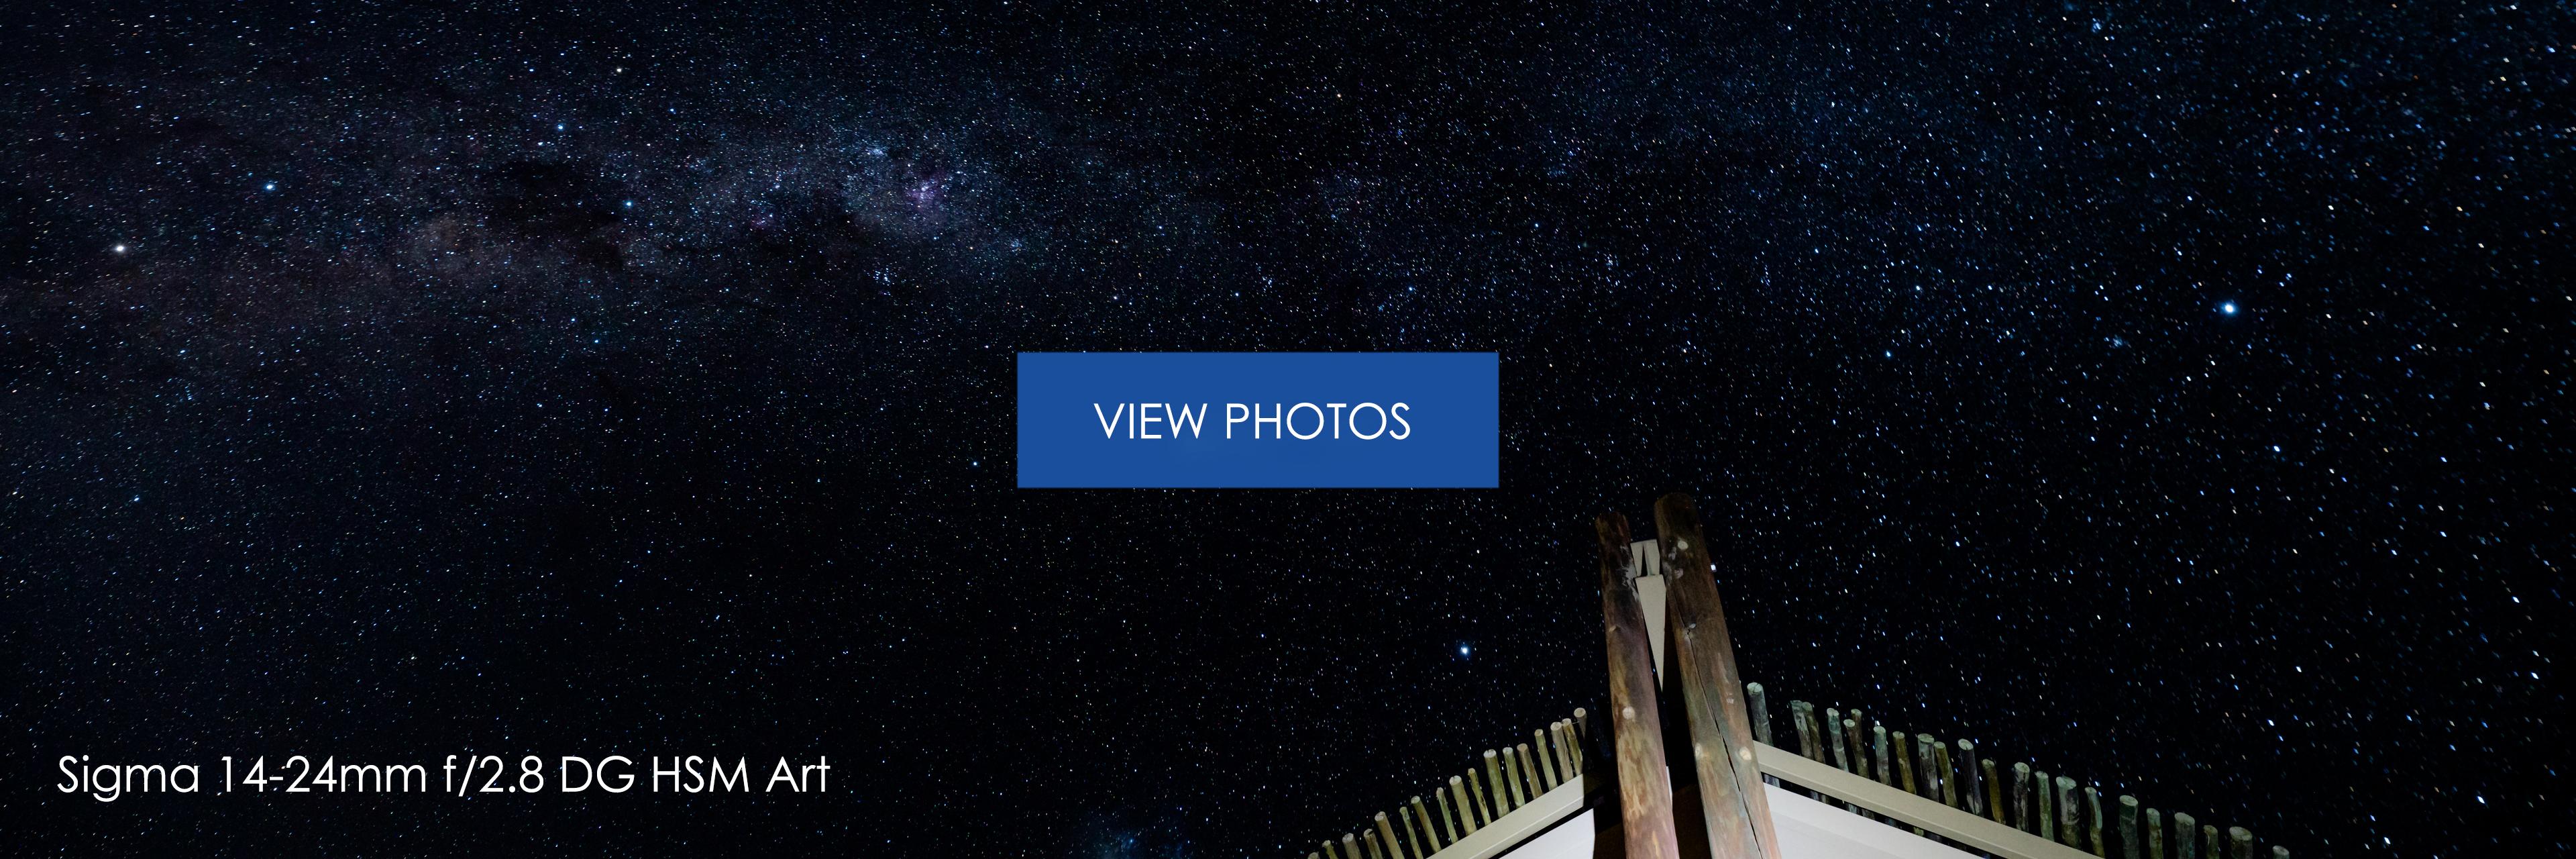 Viewfoto3840